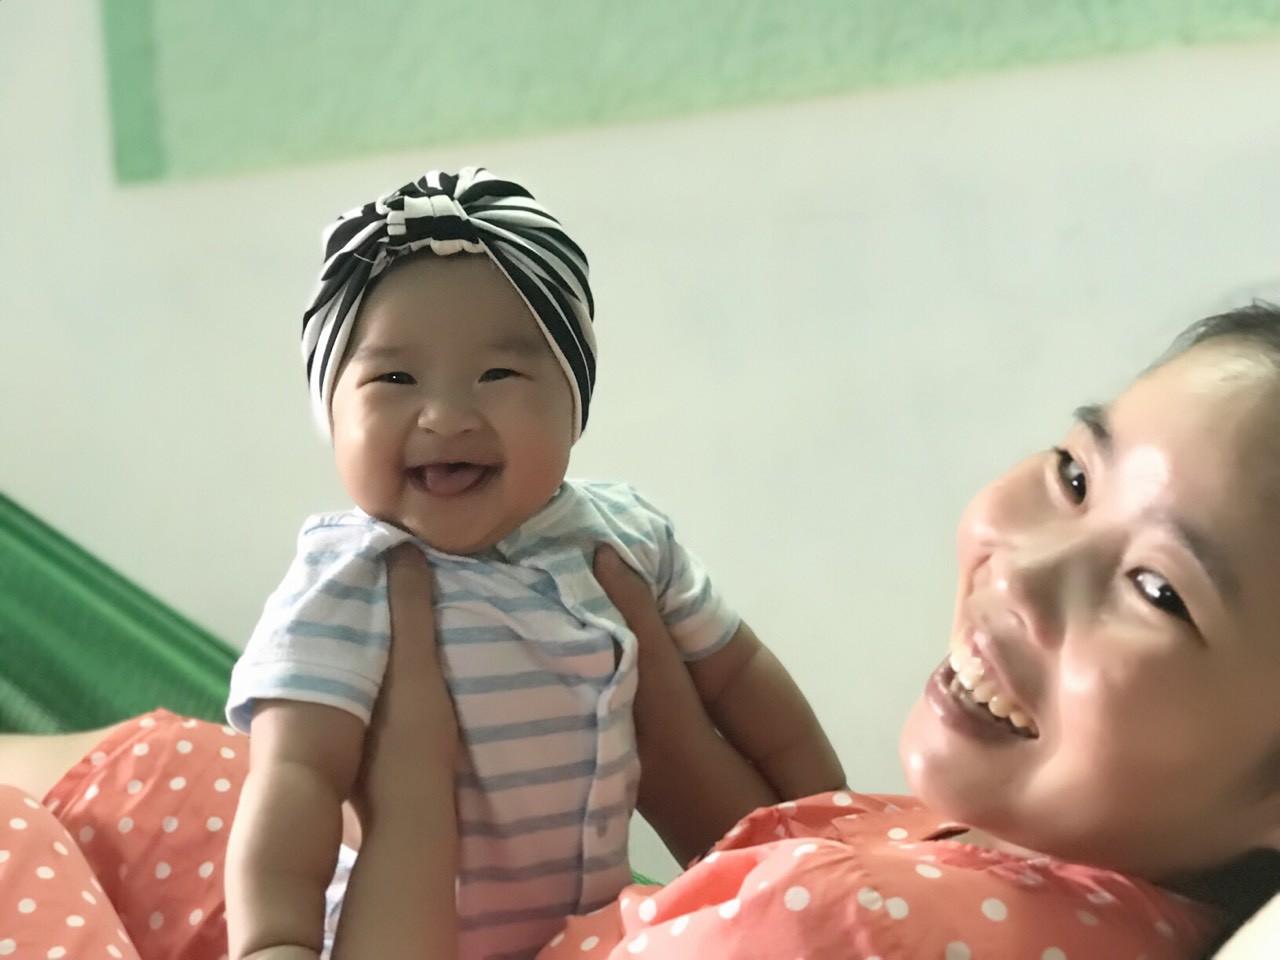 7 năm mong con, 2 lần thụ tinh nhân tạo thất bại nhưng cuối cùng bà mẹ này lại hạnh phúc tột bậc khi mang thai tự nhiên - Ảnh 8.